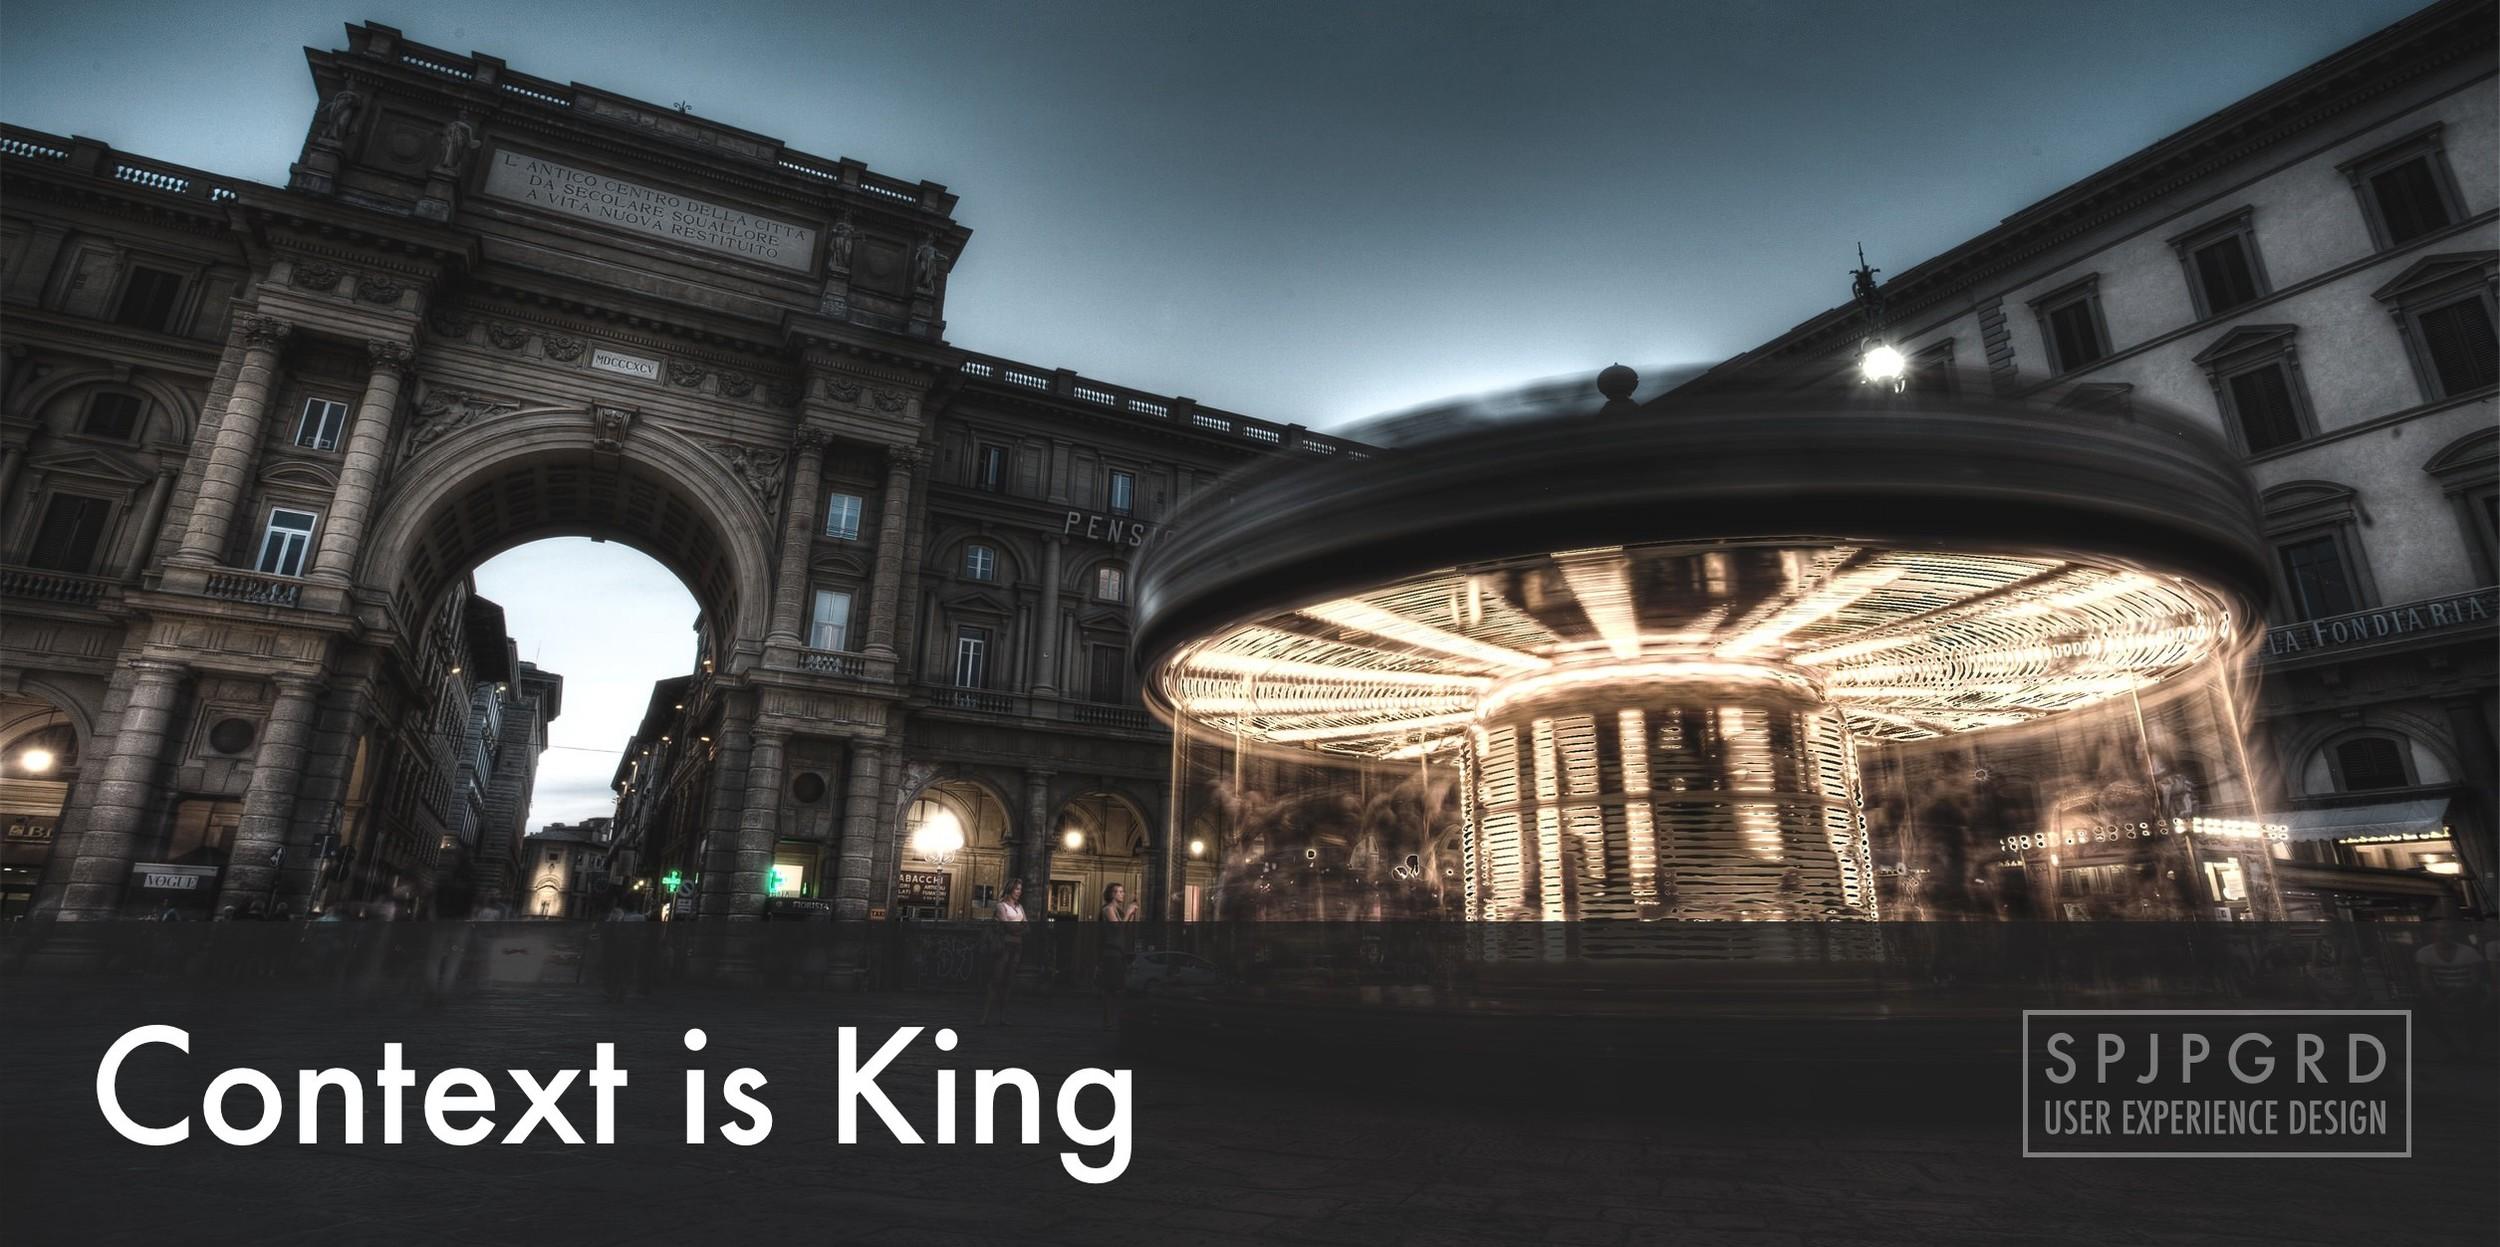 context-is-king-spjpgrd.jpg